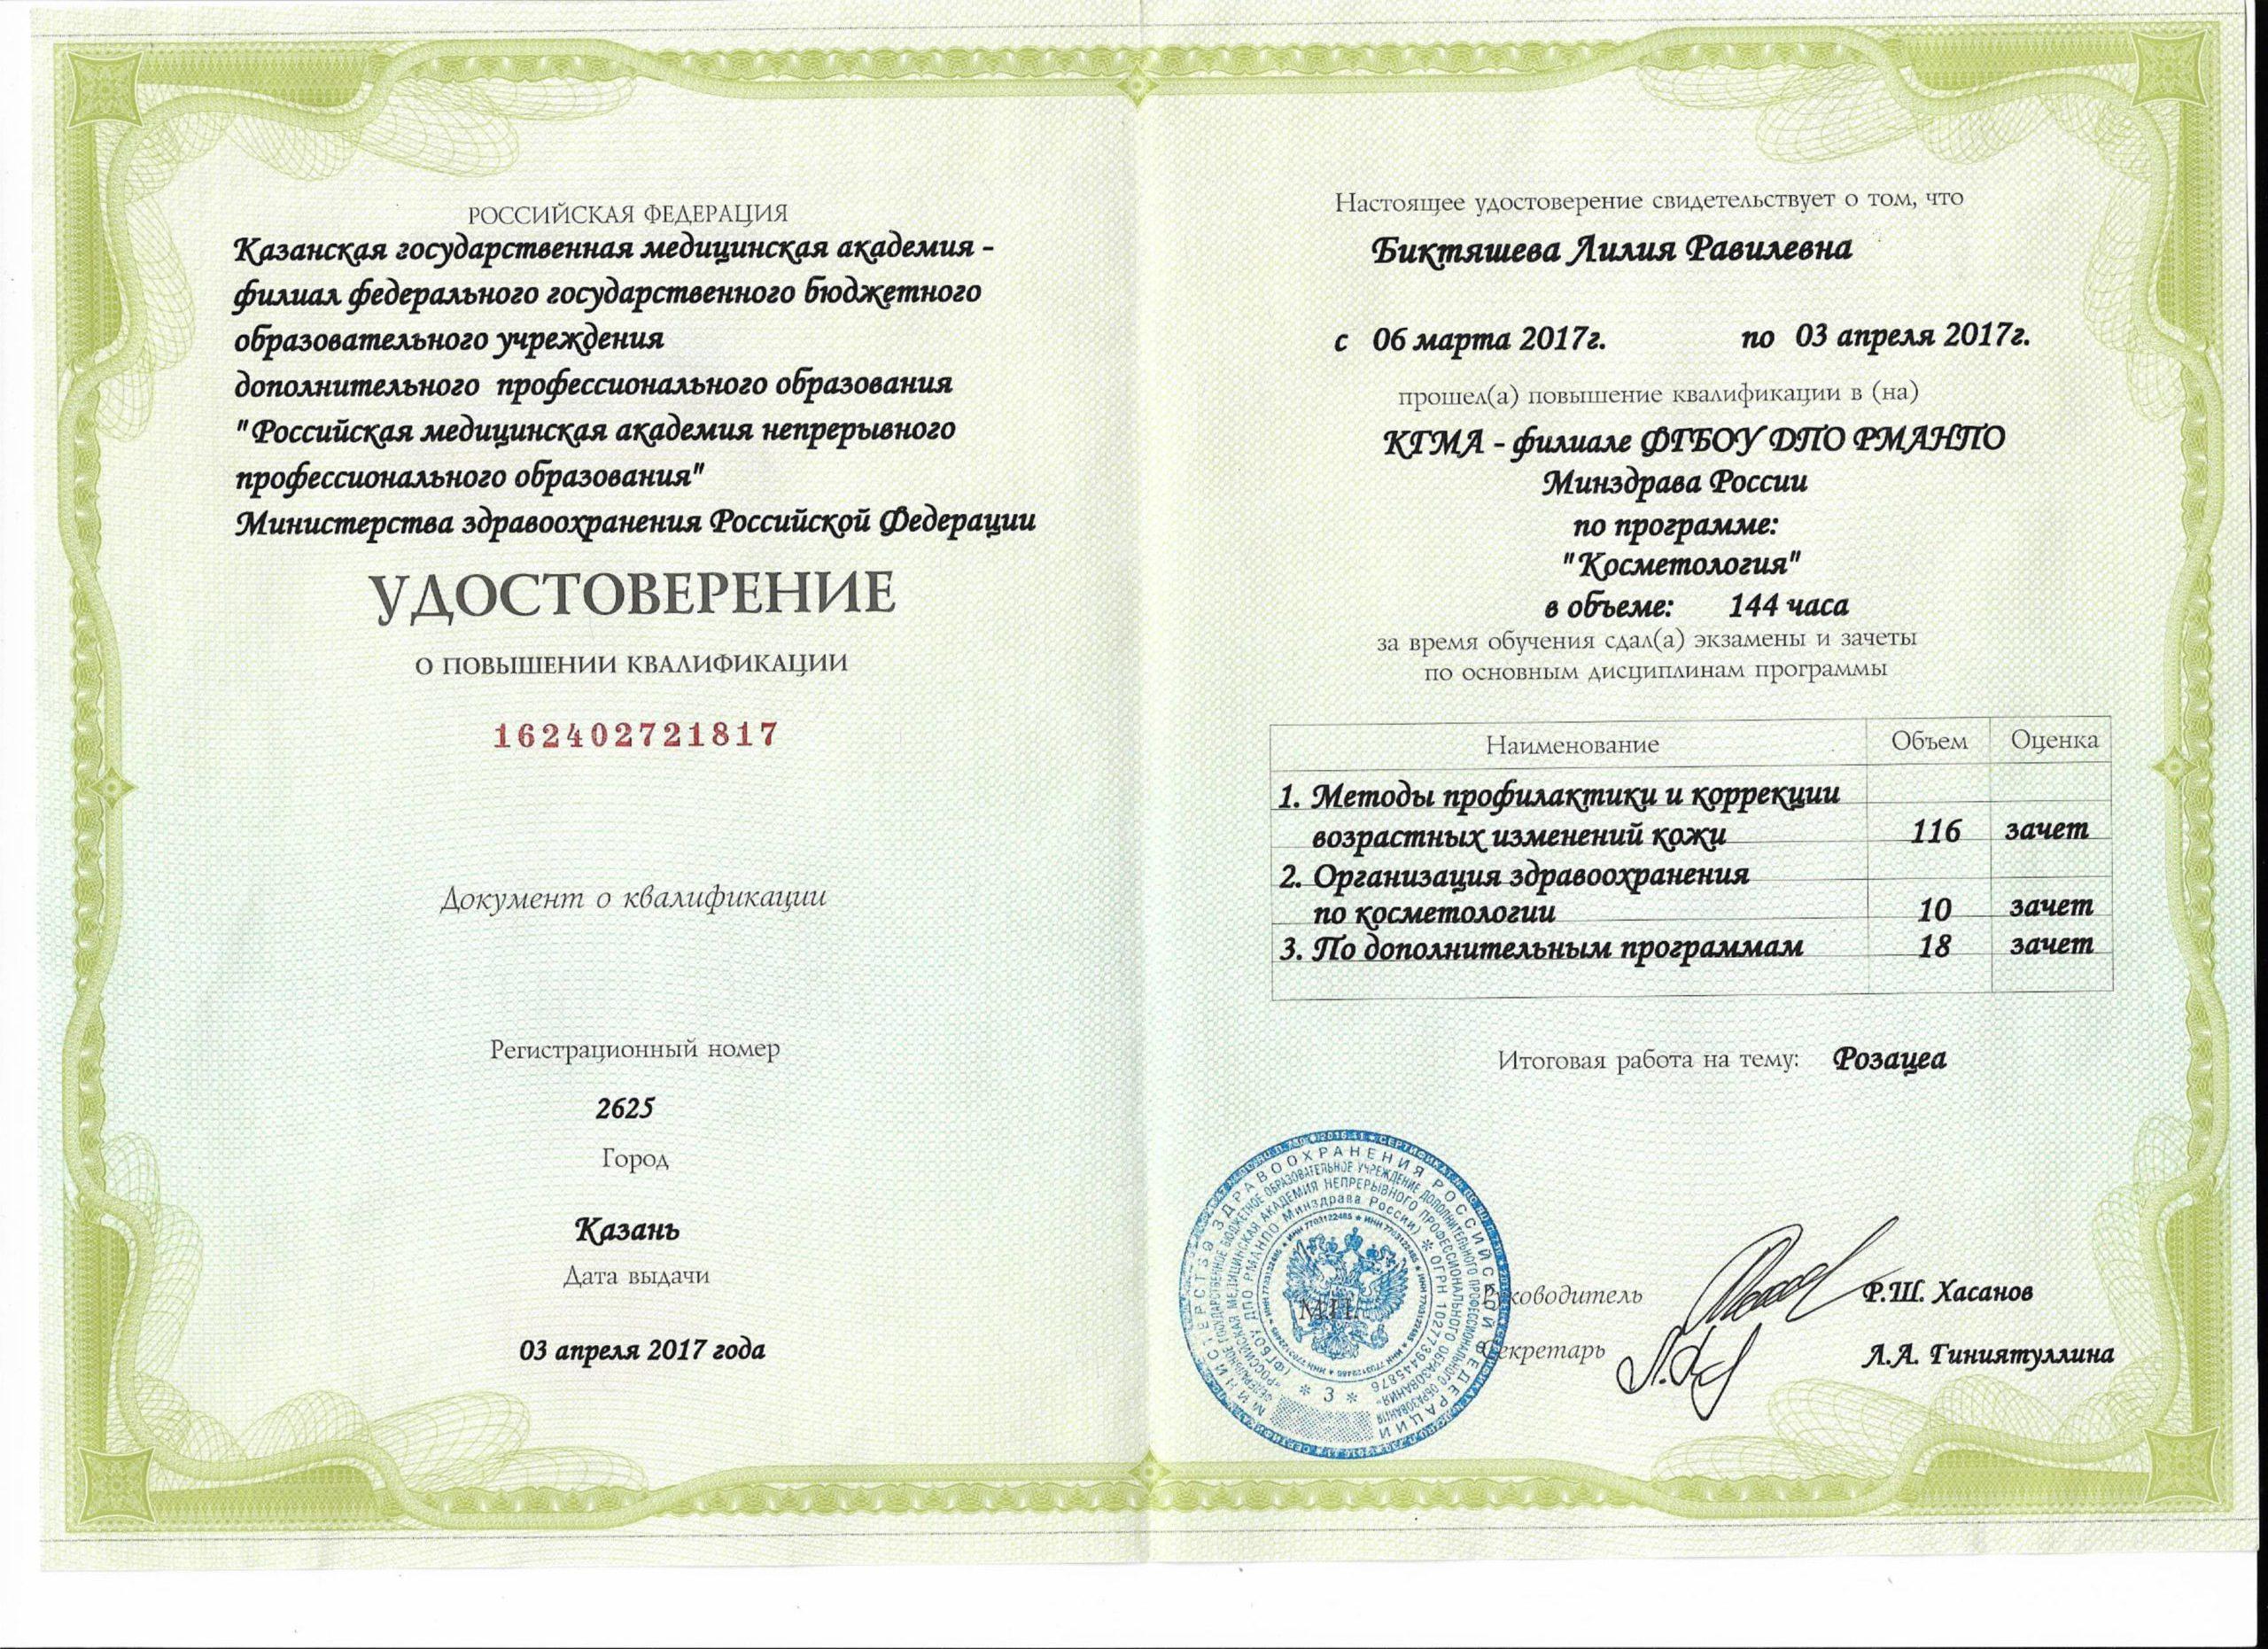 Удостоверение о повышении квалификации 03 апреля 2017г.